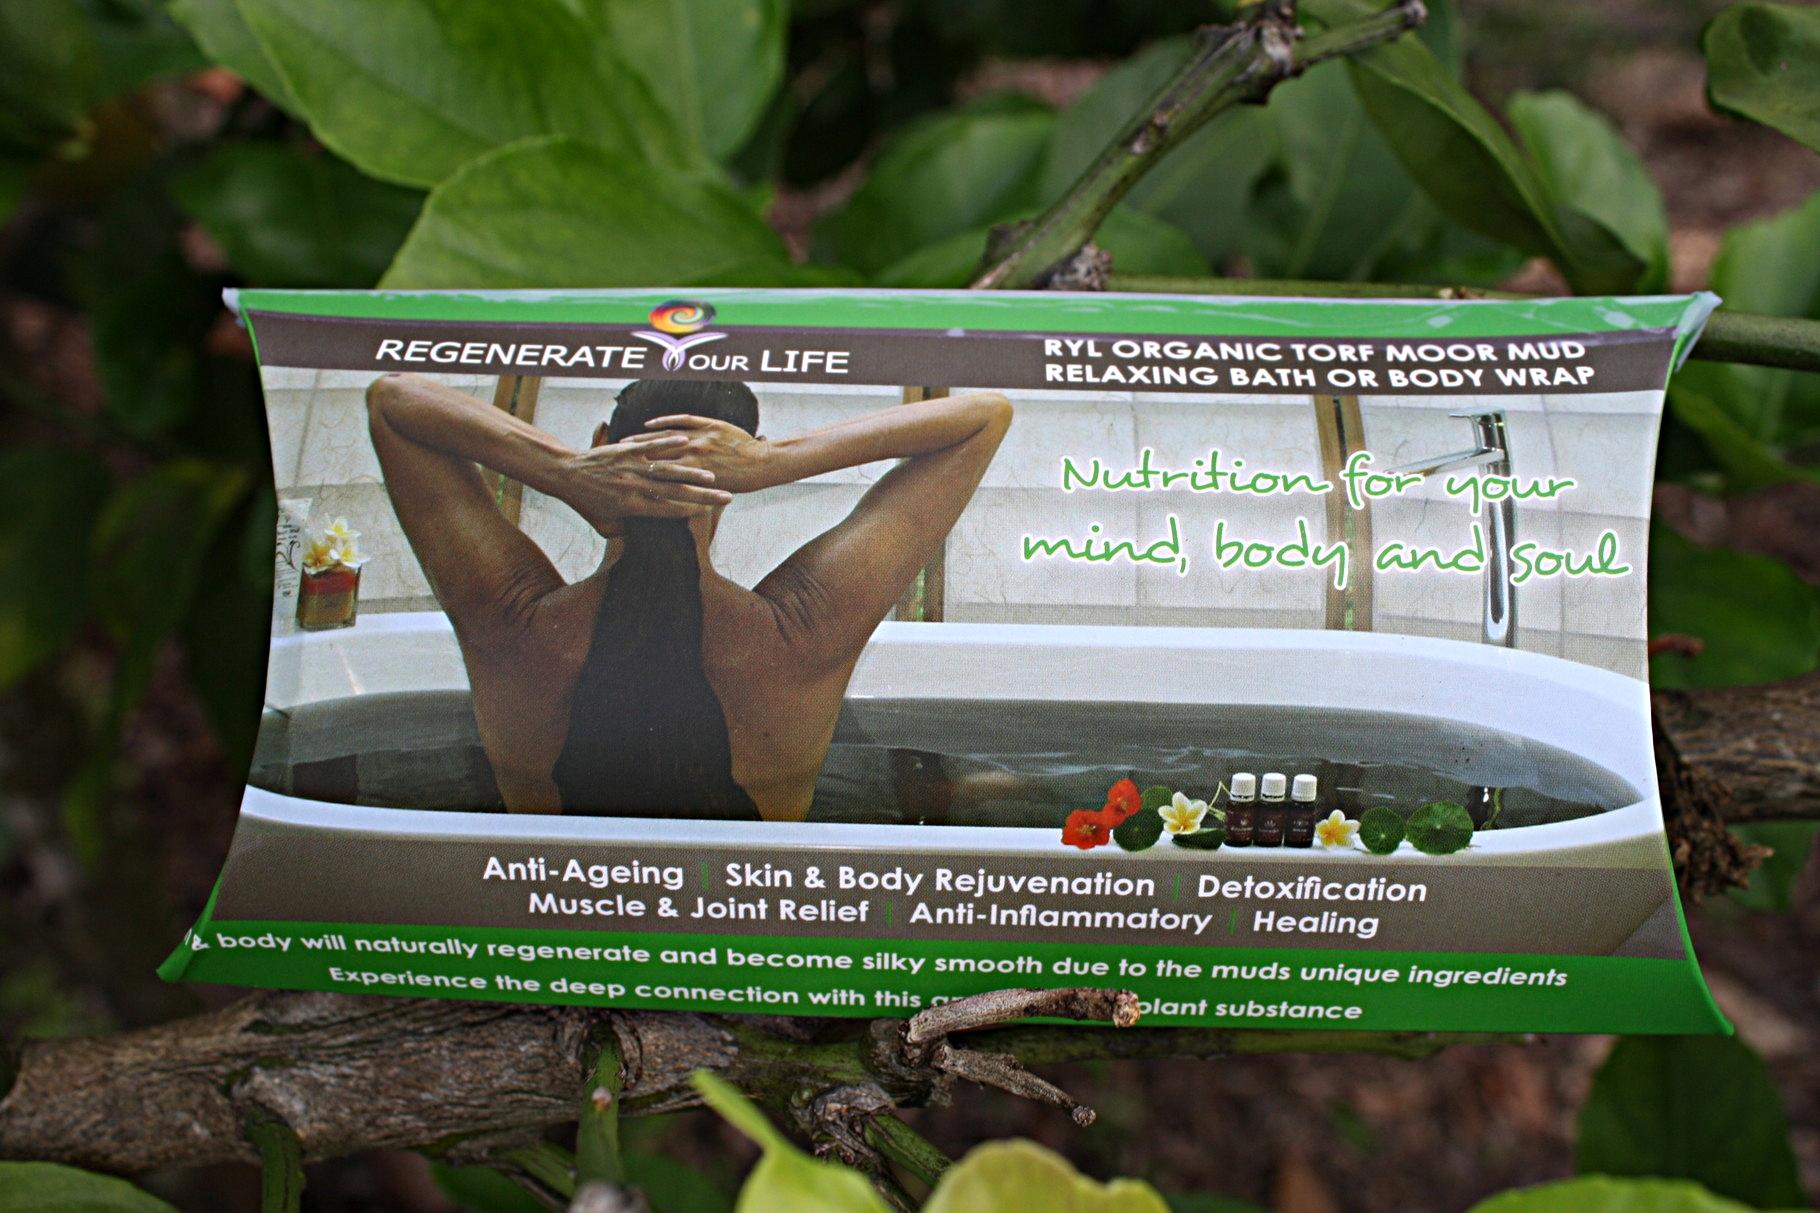 BUY RYL Bath & Body Wrap 250 ml pack